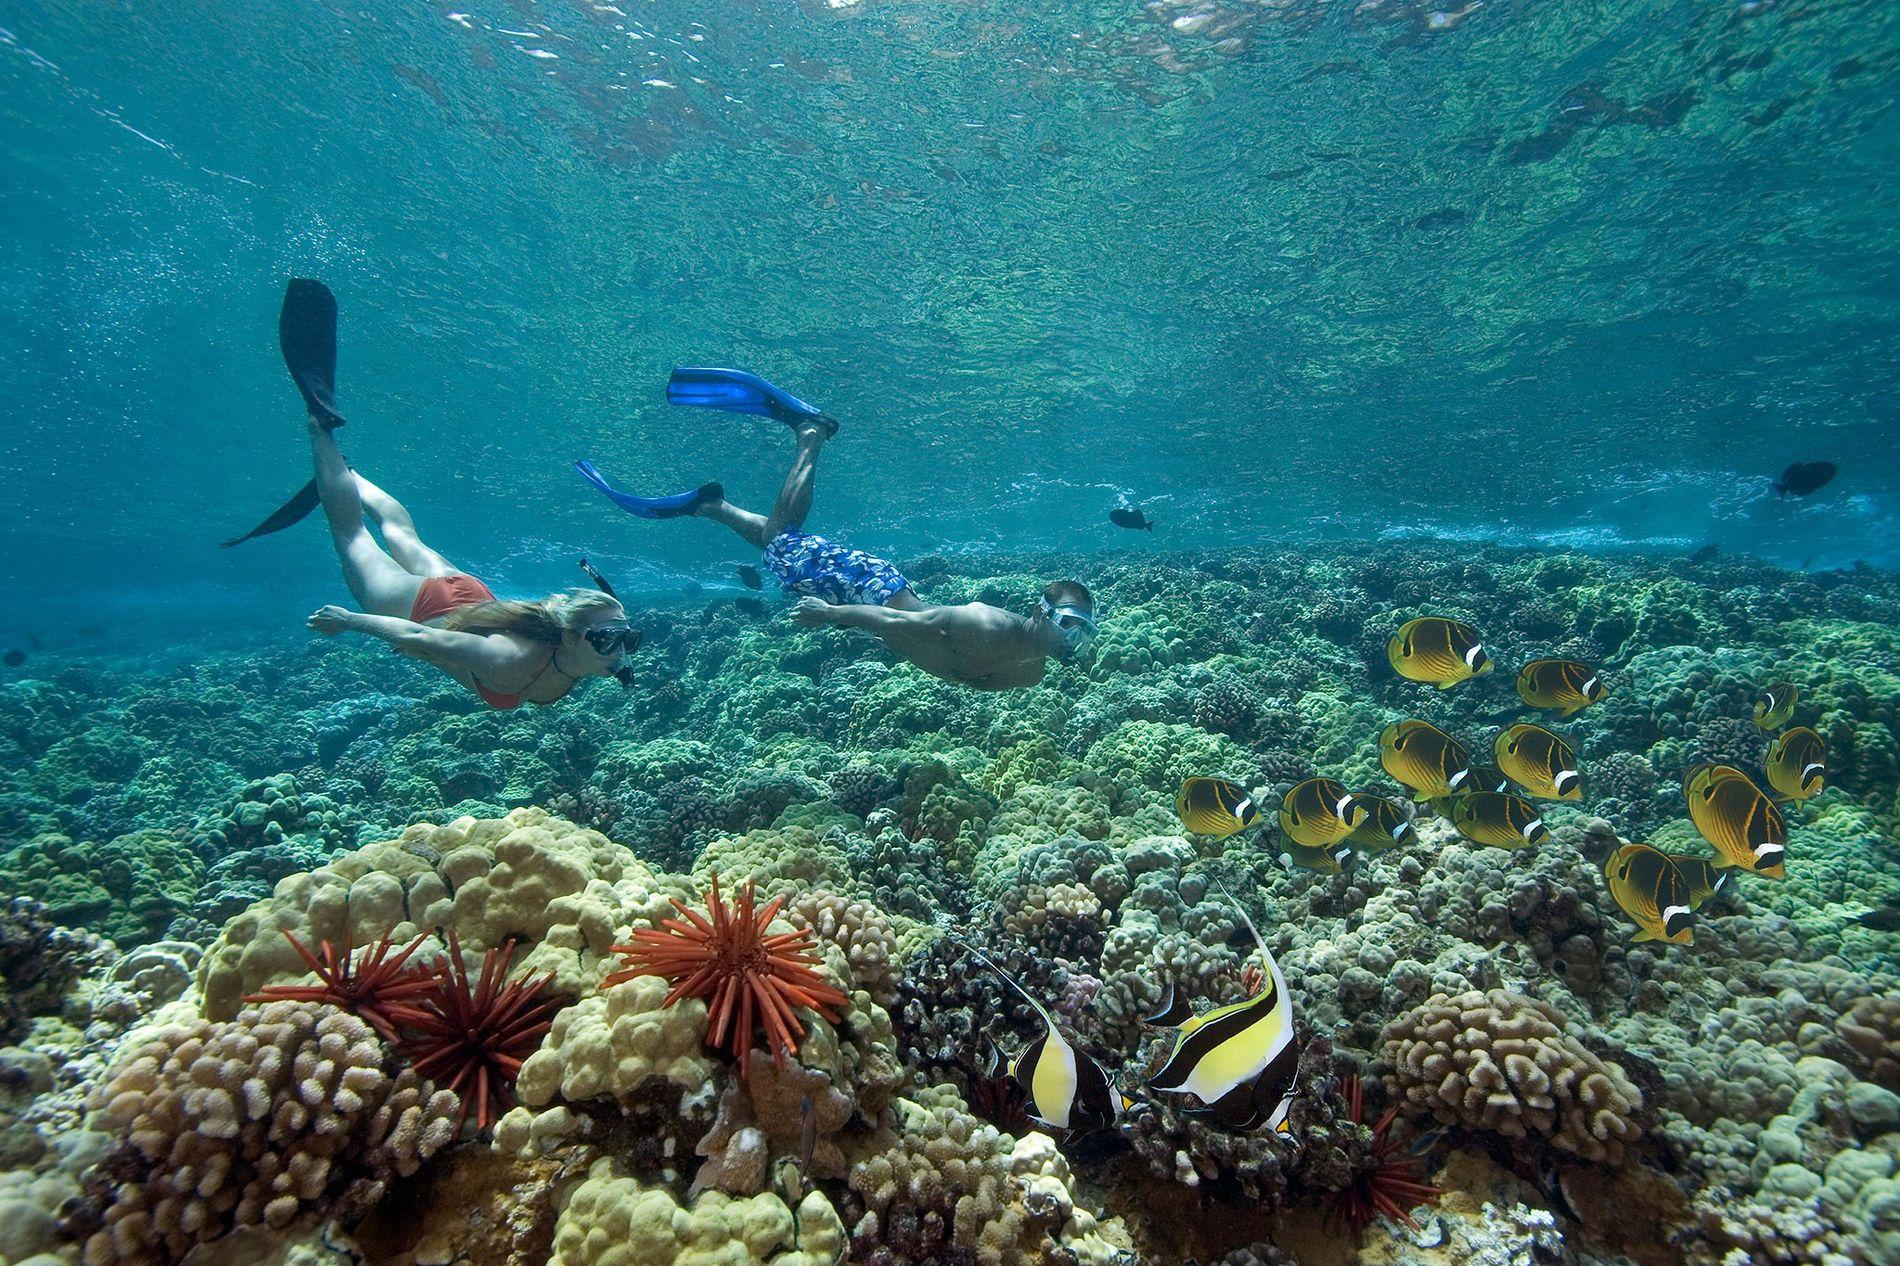 À Hawaï, deux plongeurs nagent aux côtés de zancles cornus et de poissons papillons.